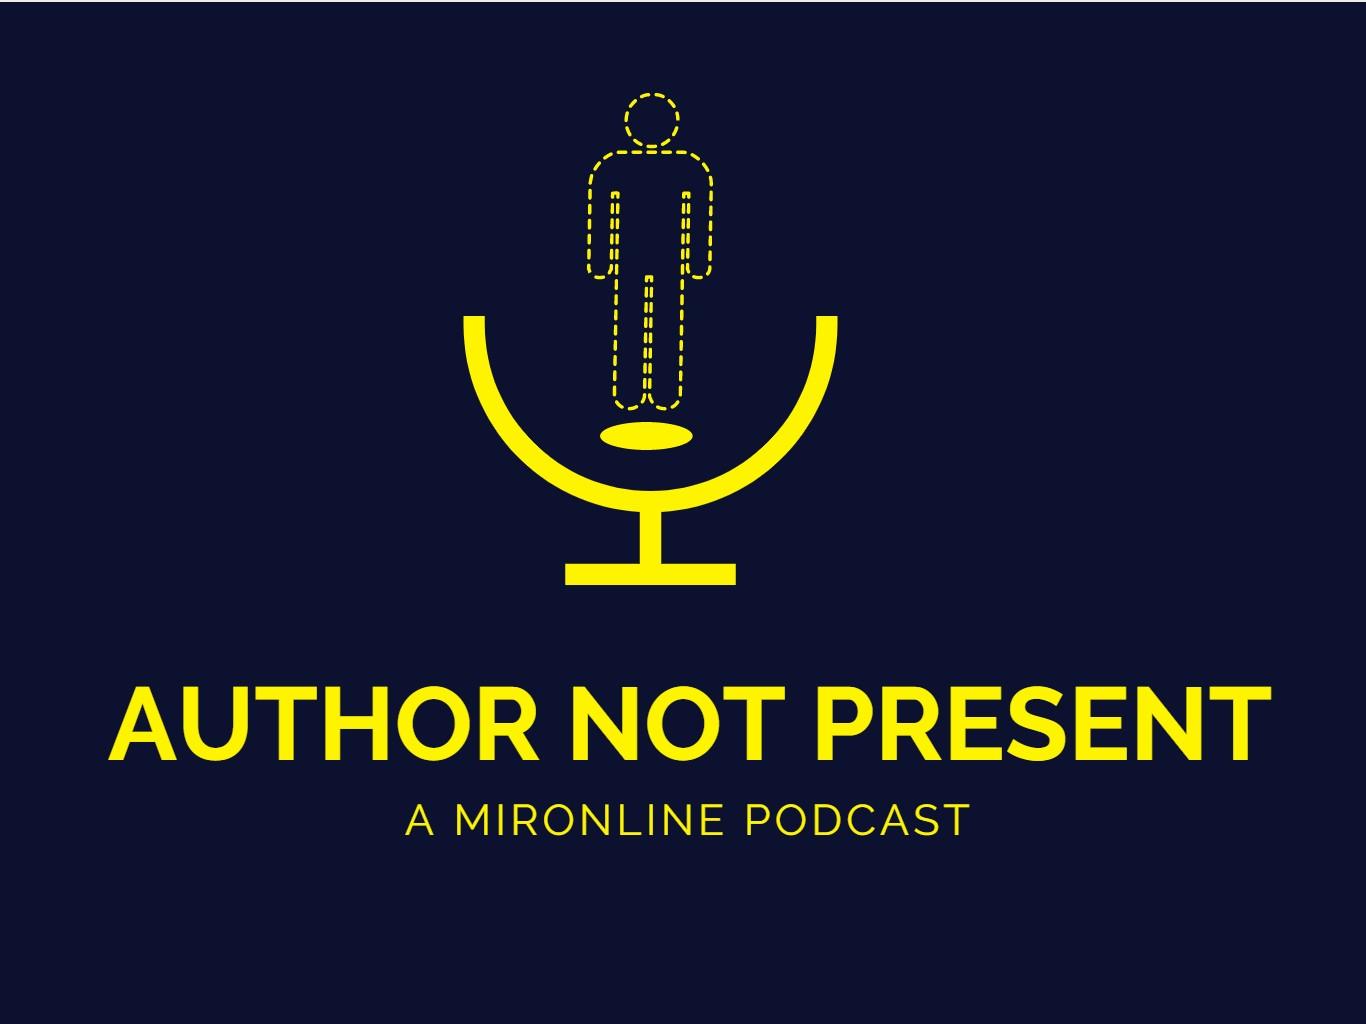 author not present icon